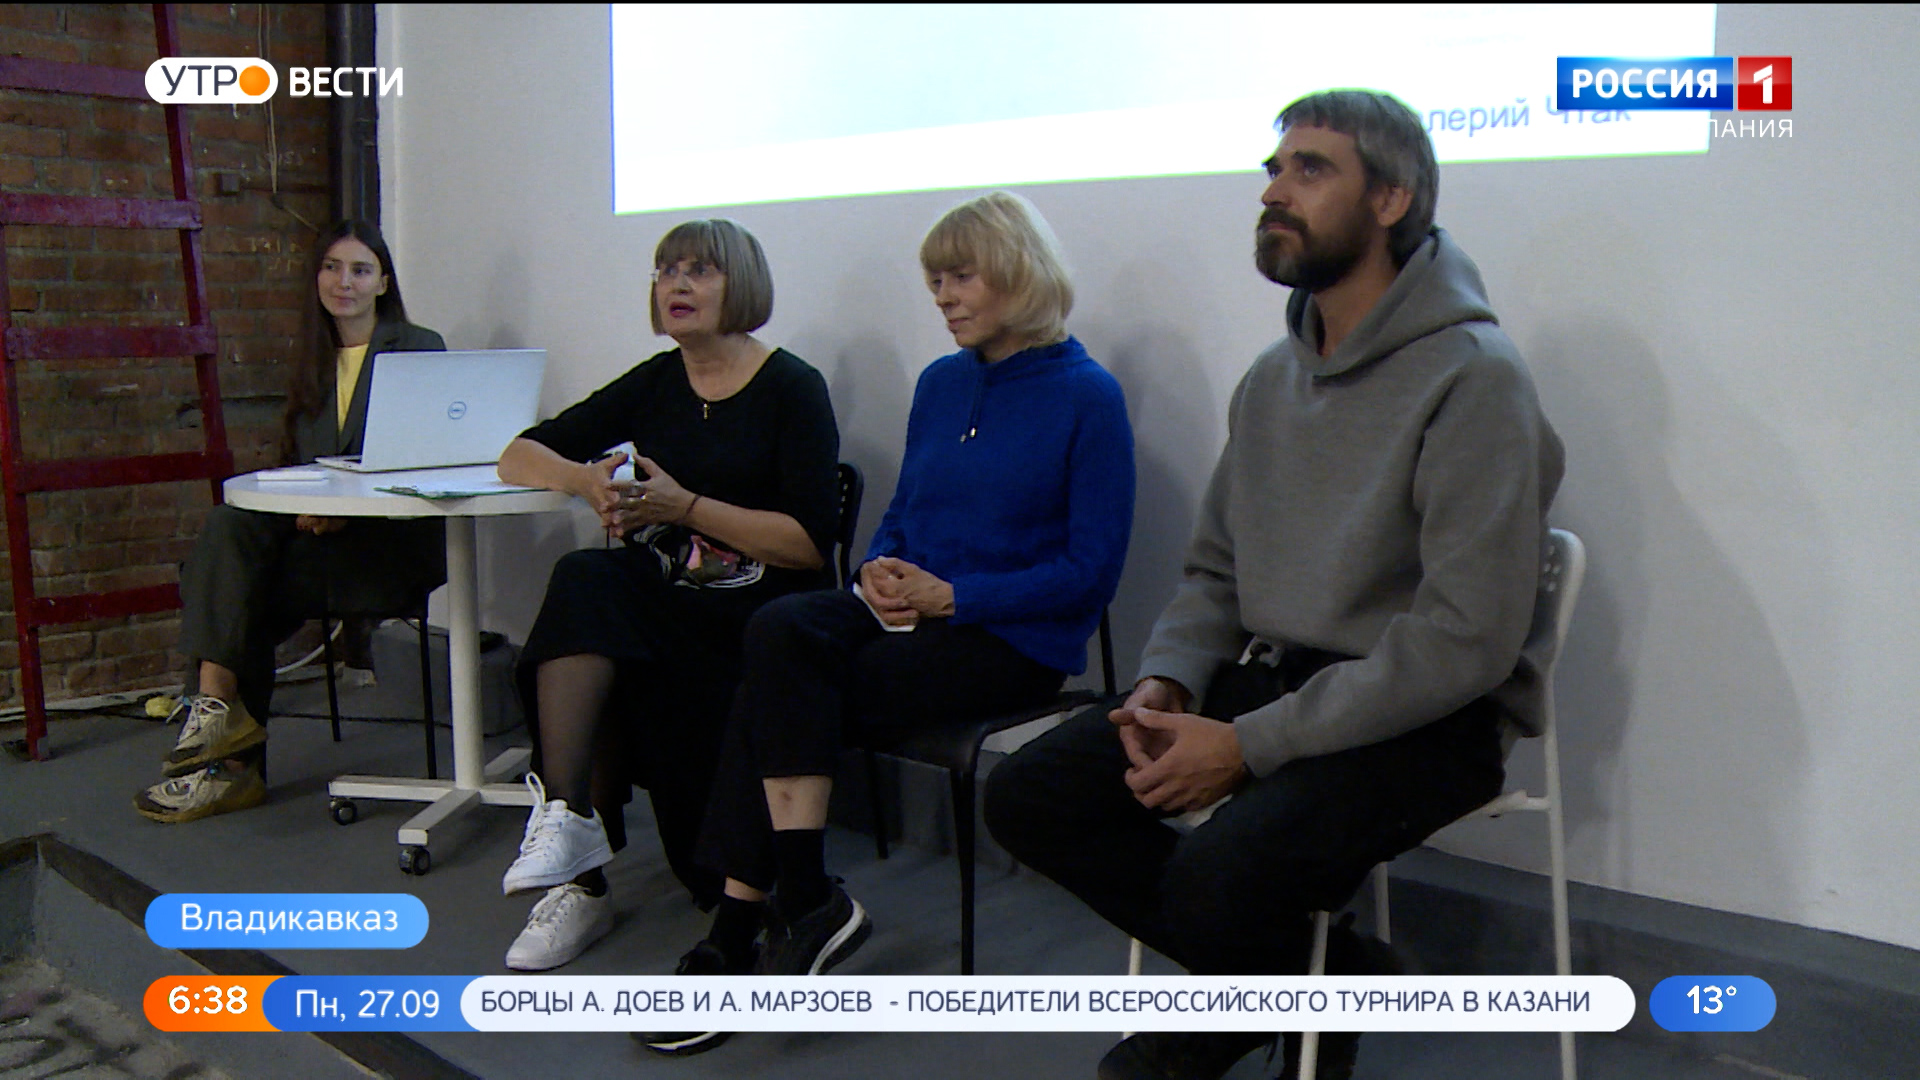 Участники международного фестиваля «Аланика» дали пресс-конференцию